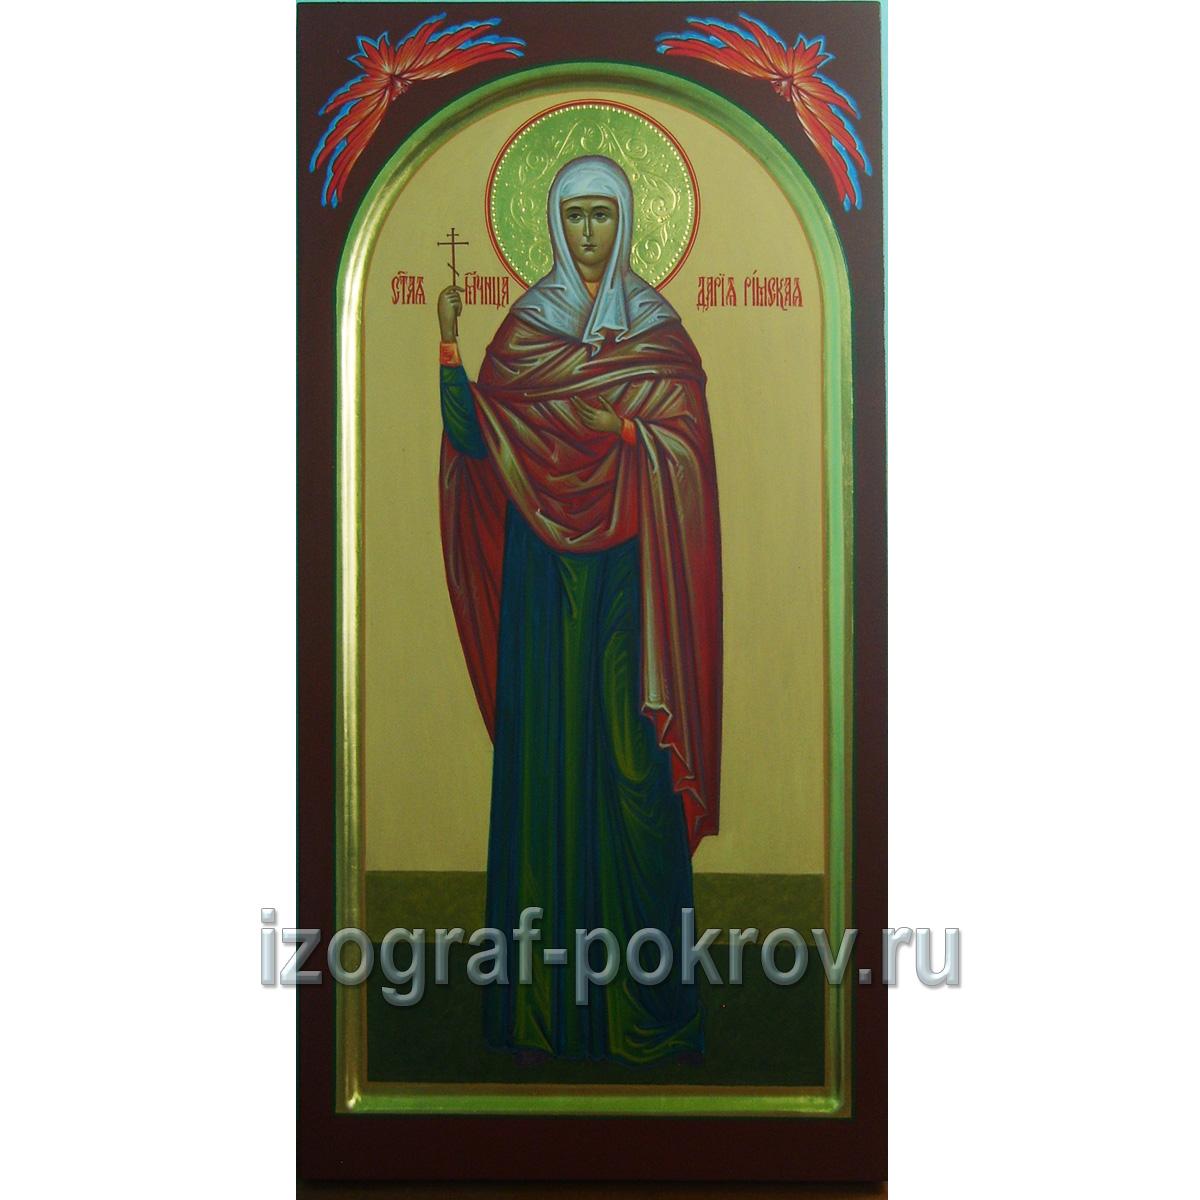 Рукописная икона Великомученица Дарья Римская, написанная под заказ в иконописной мастерской Покров при храме Покрова Пресвятой Богородицы